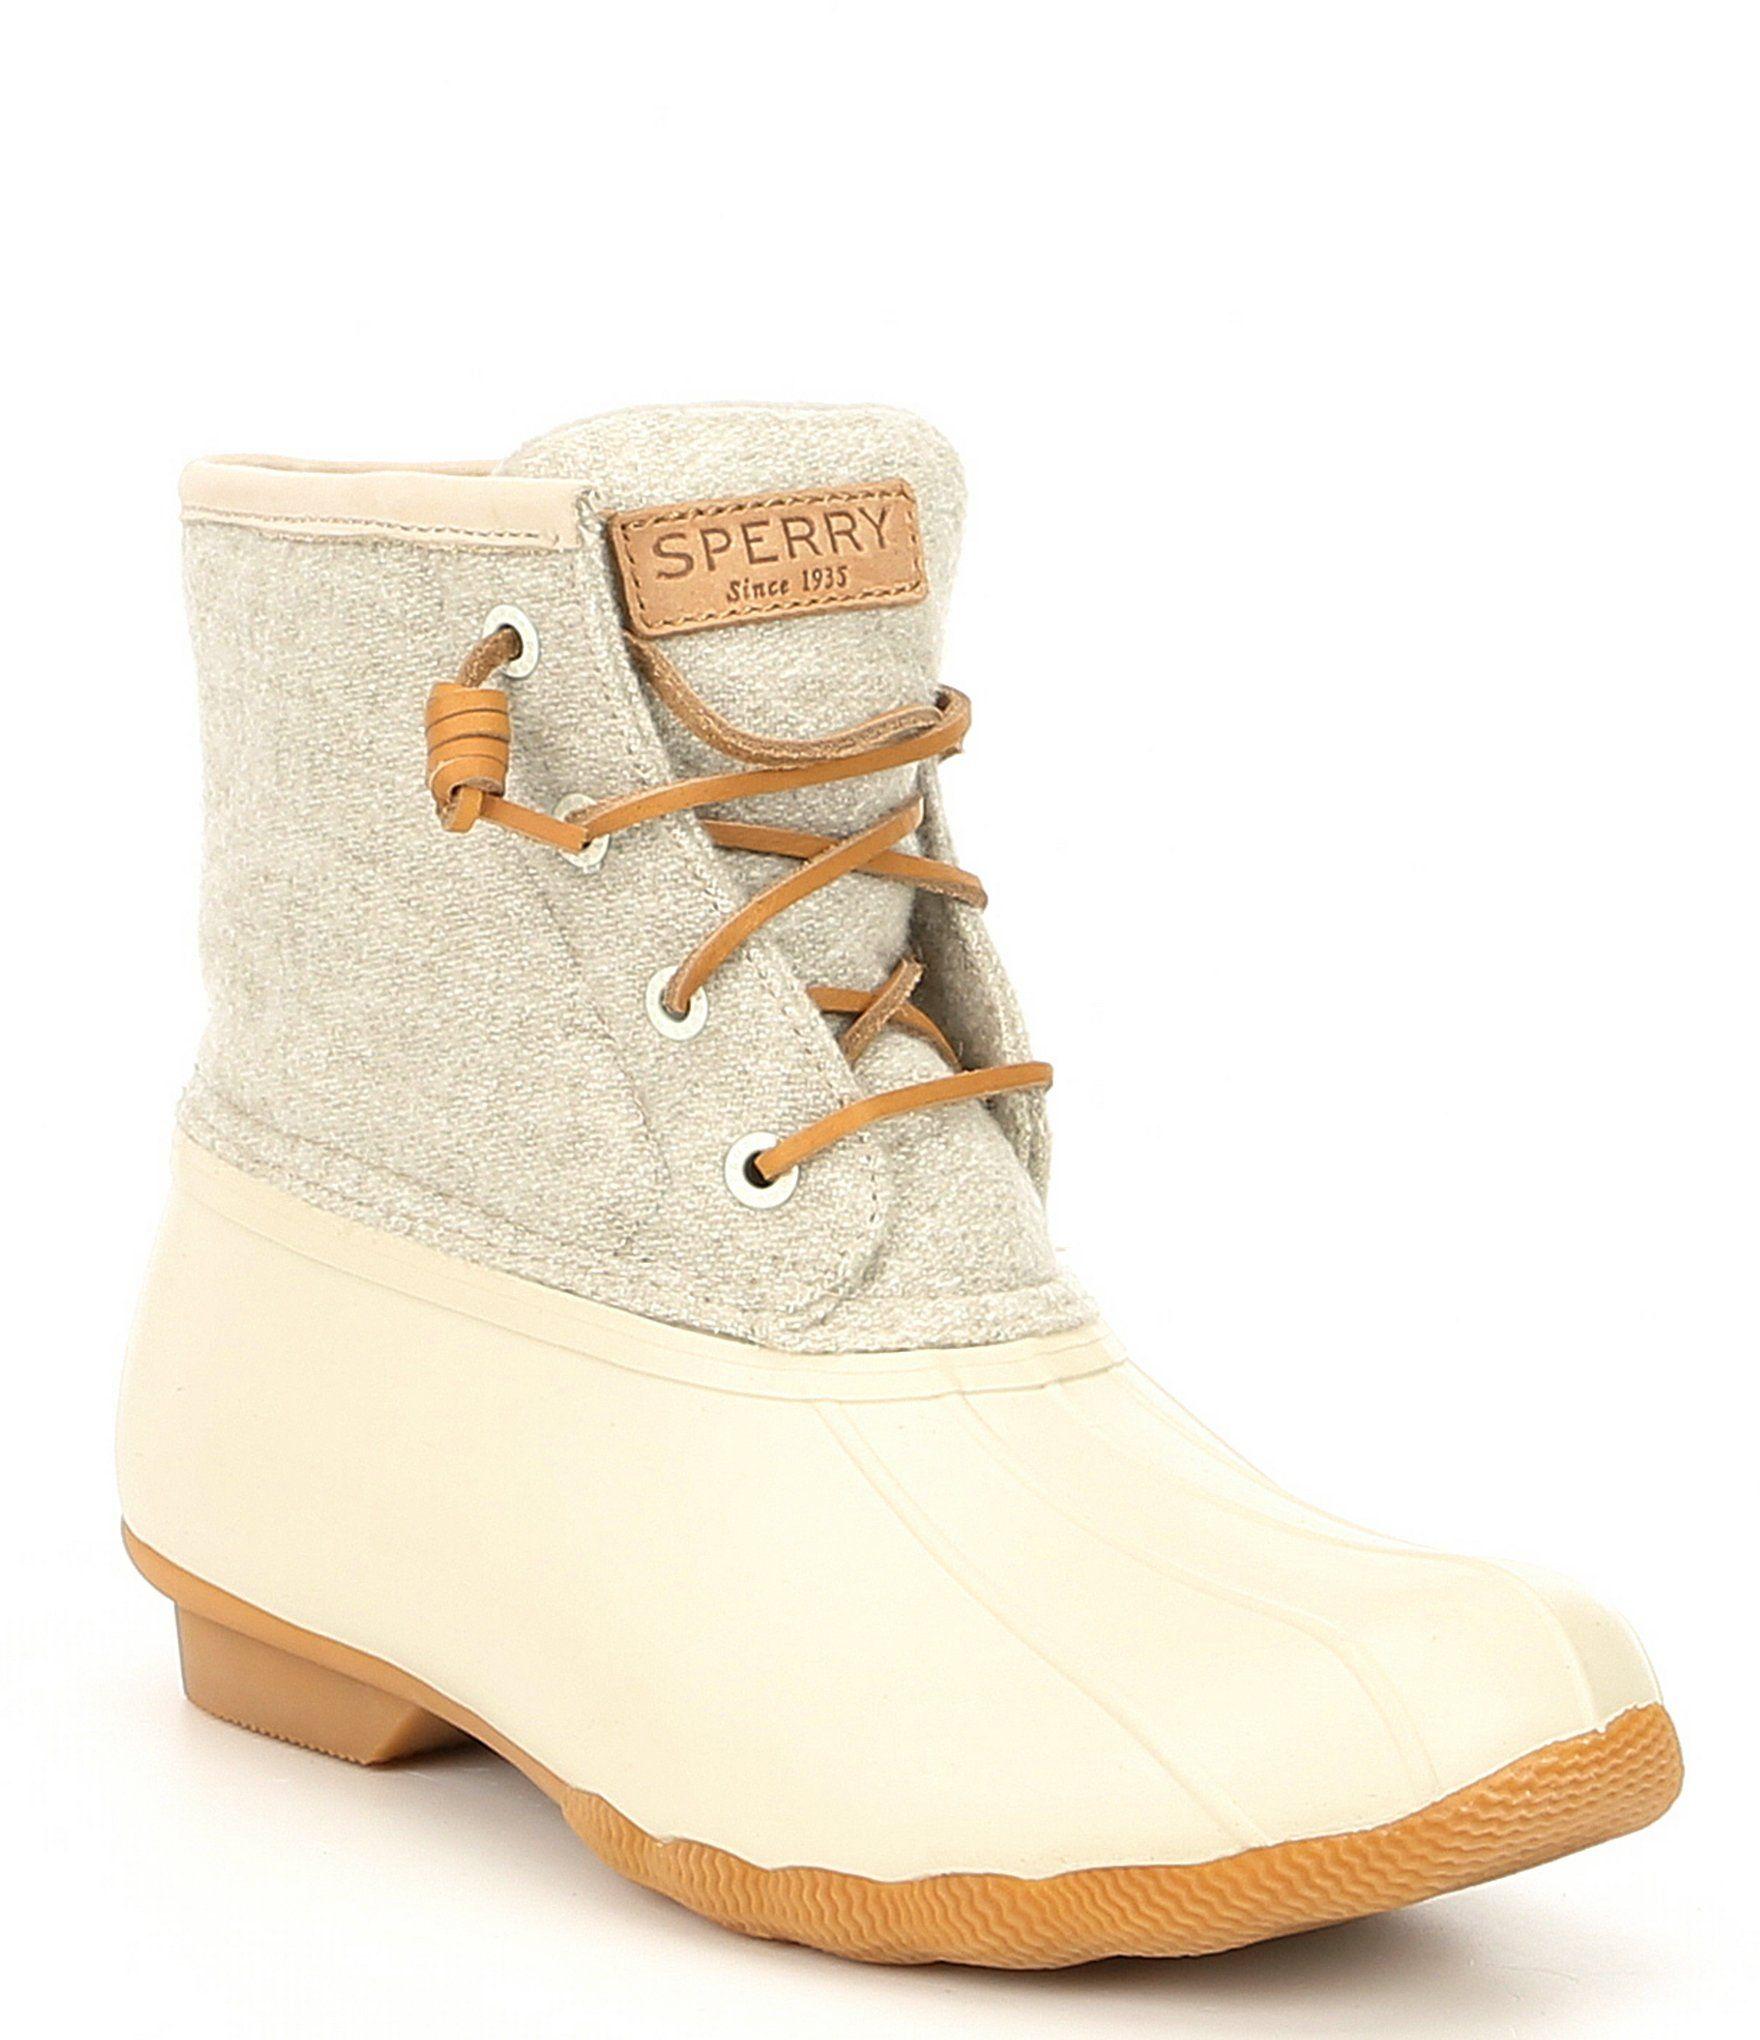 Boots, Rain boots, Sorel duck boots